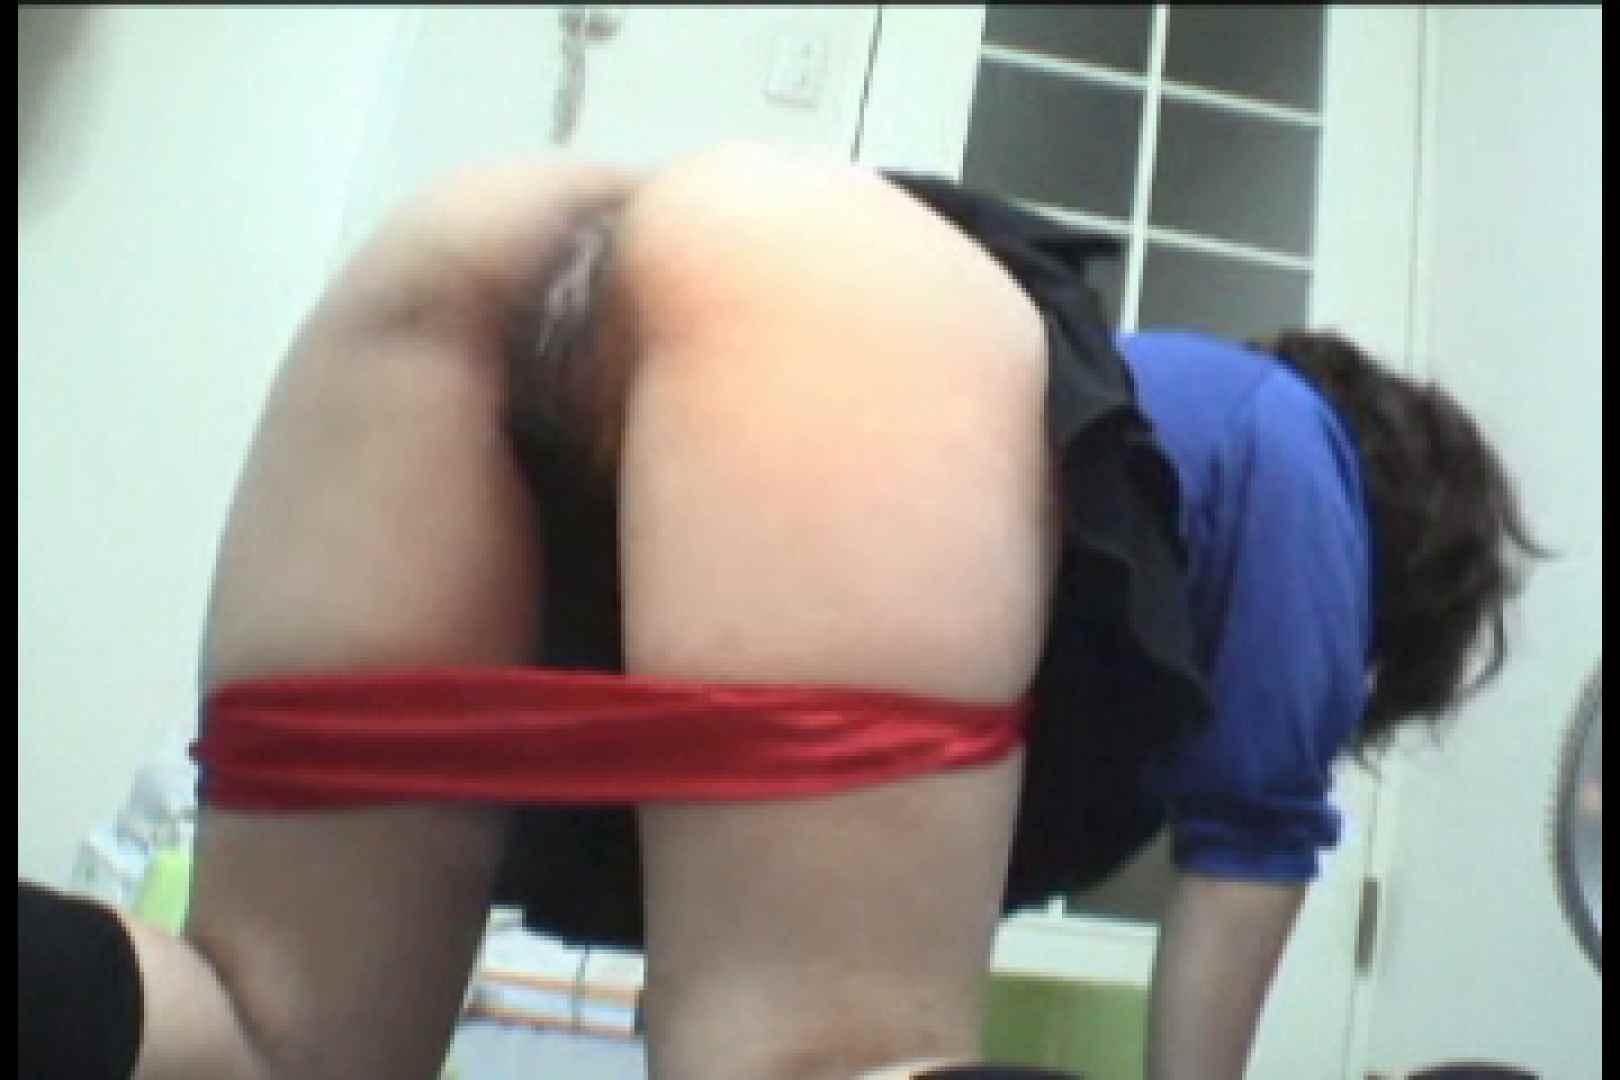 パンツ売りの女の子 けいちゃんvol.1 ぽっちゃりギャル すけべAV動画紹介 112pic 95